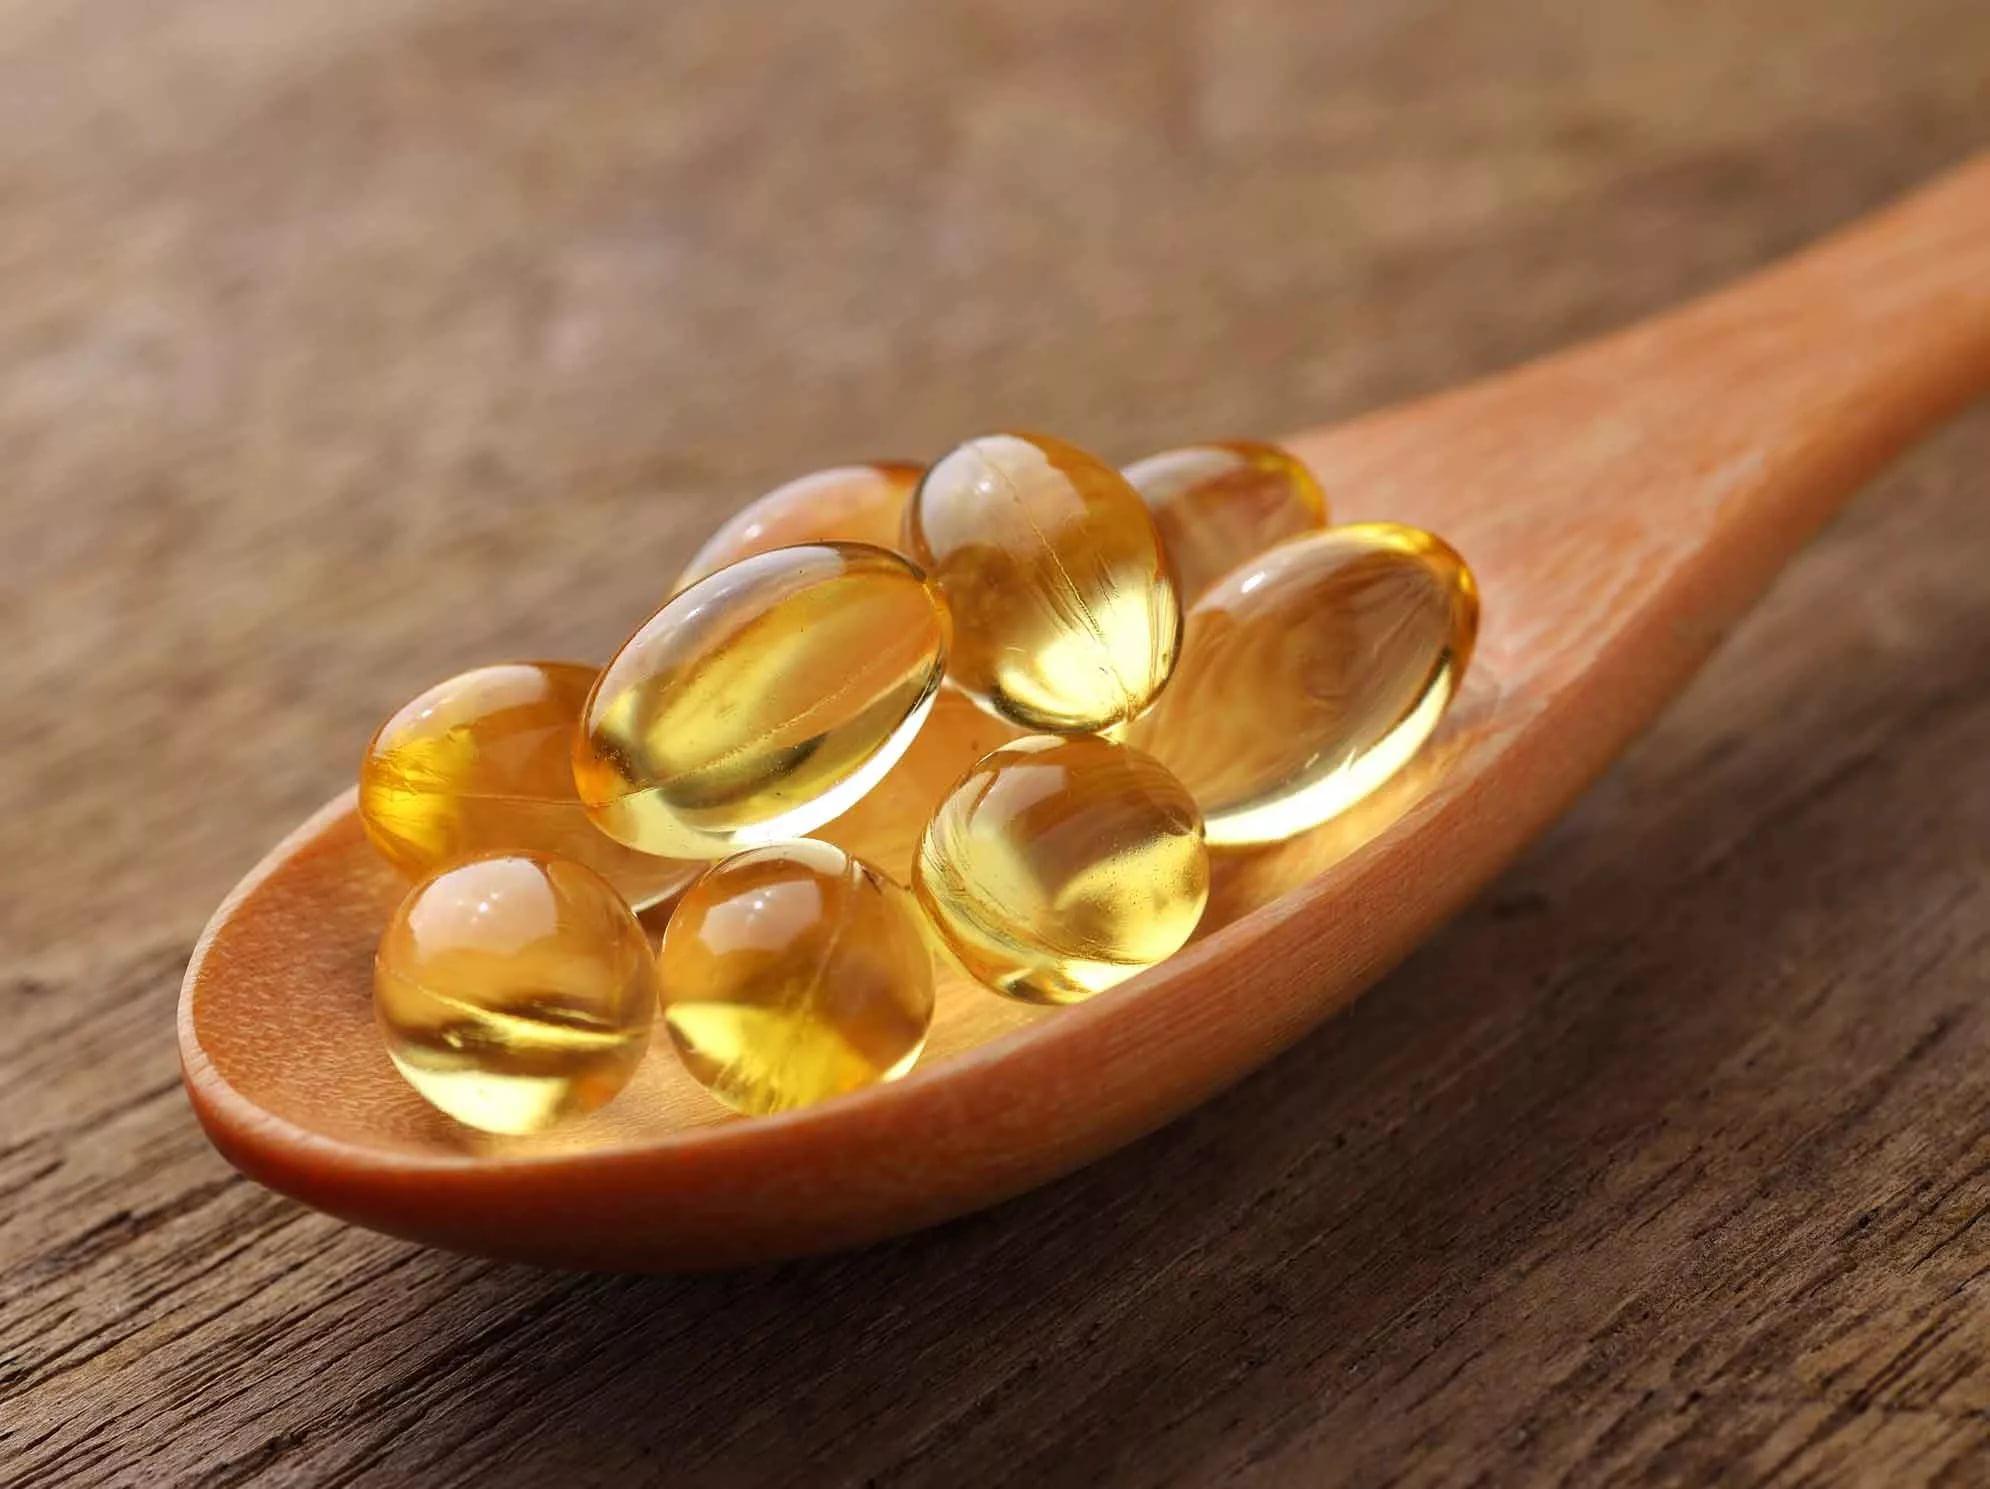 Что дает рыбий жир в капсулах организму